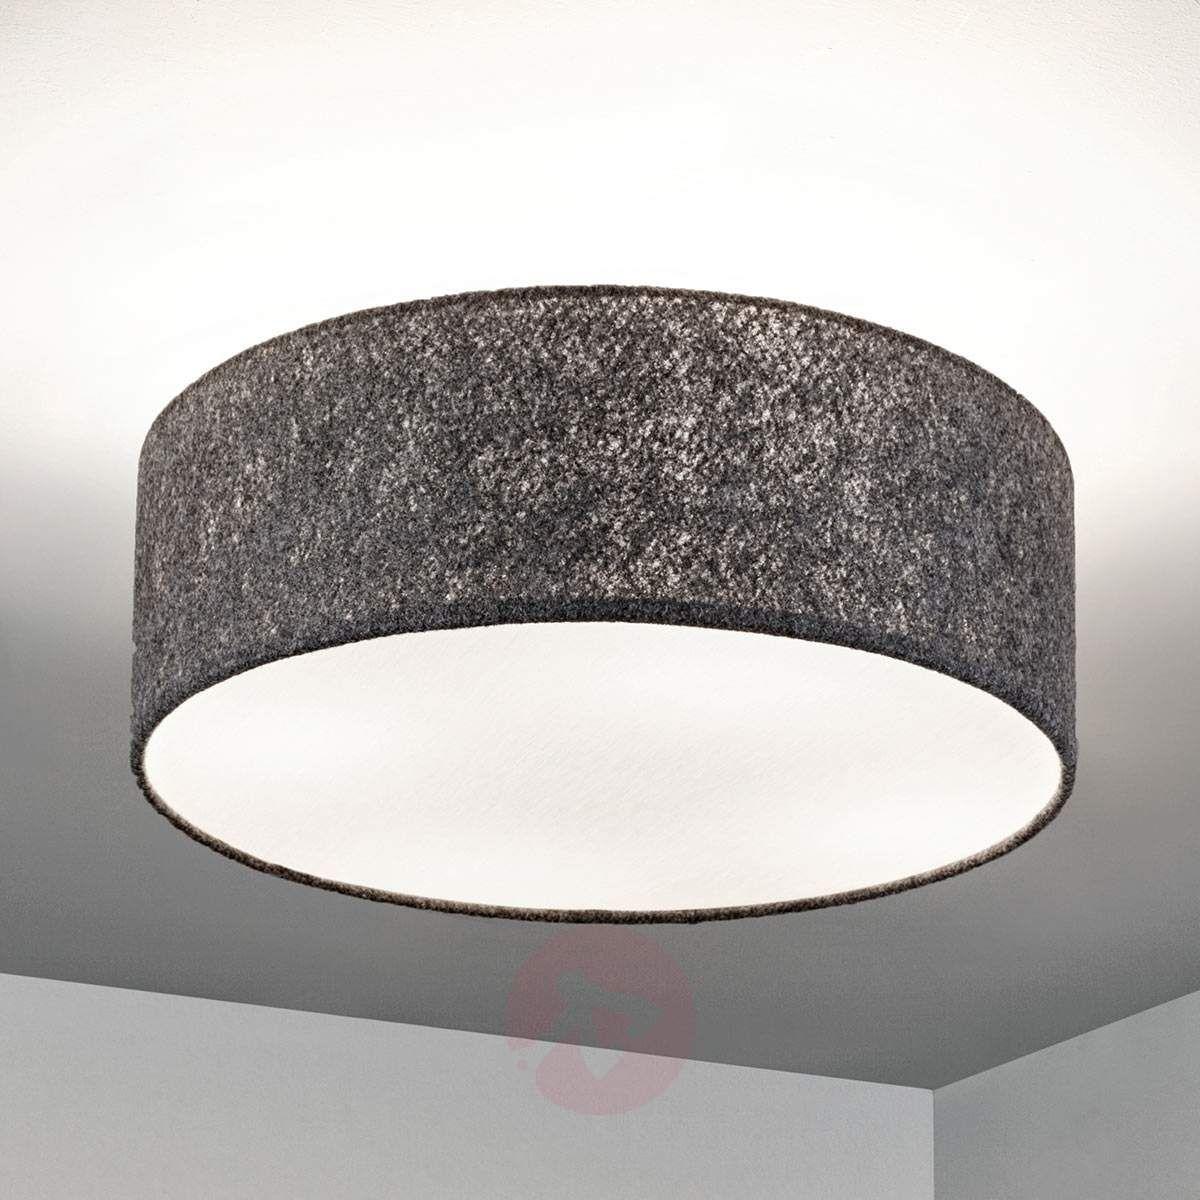 Lampa sufitowa Gala, 50cm, filcowy ciemnoszary | Lampa